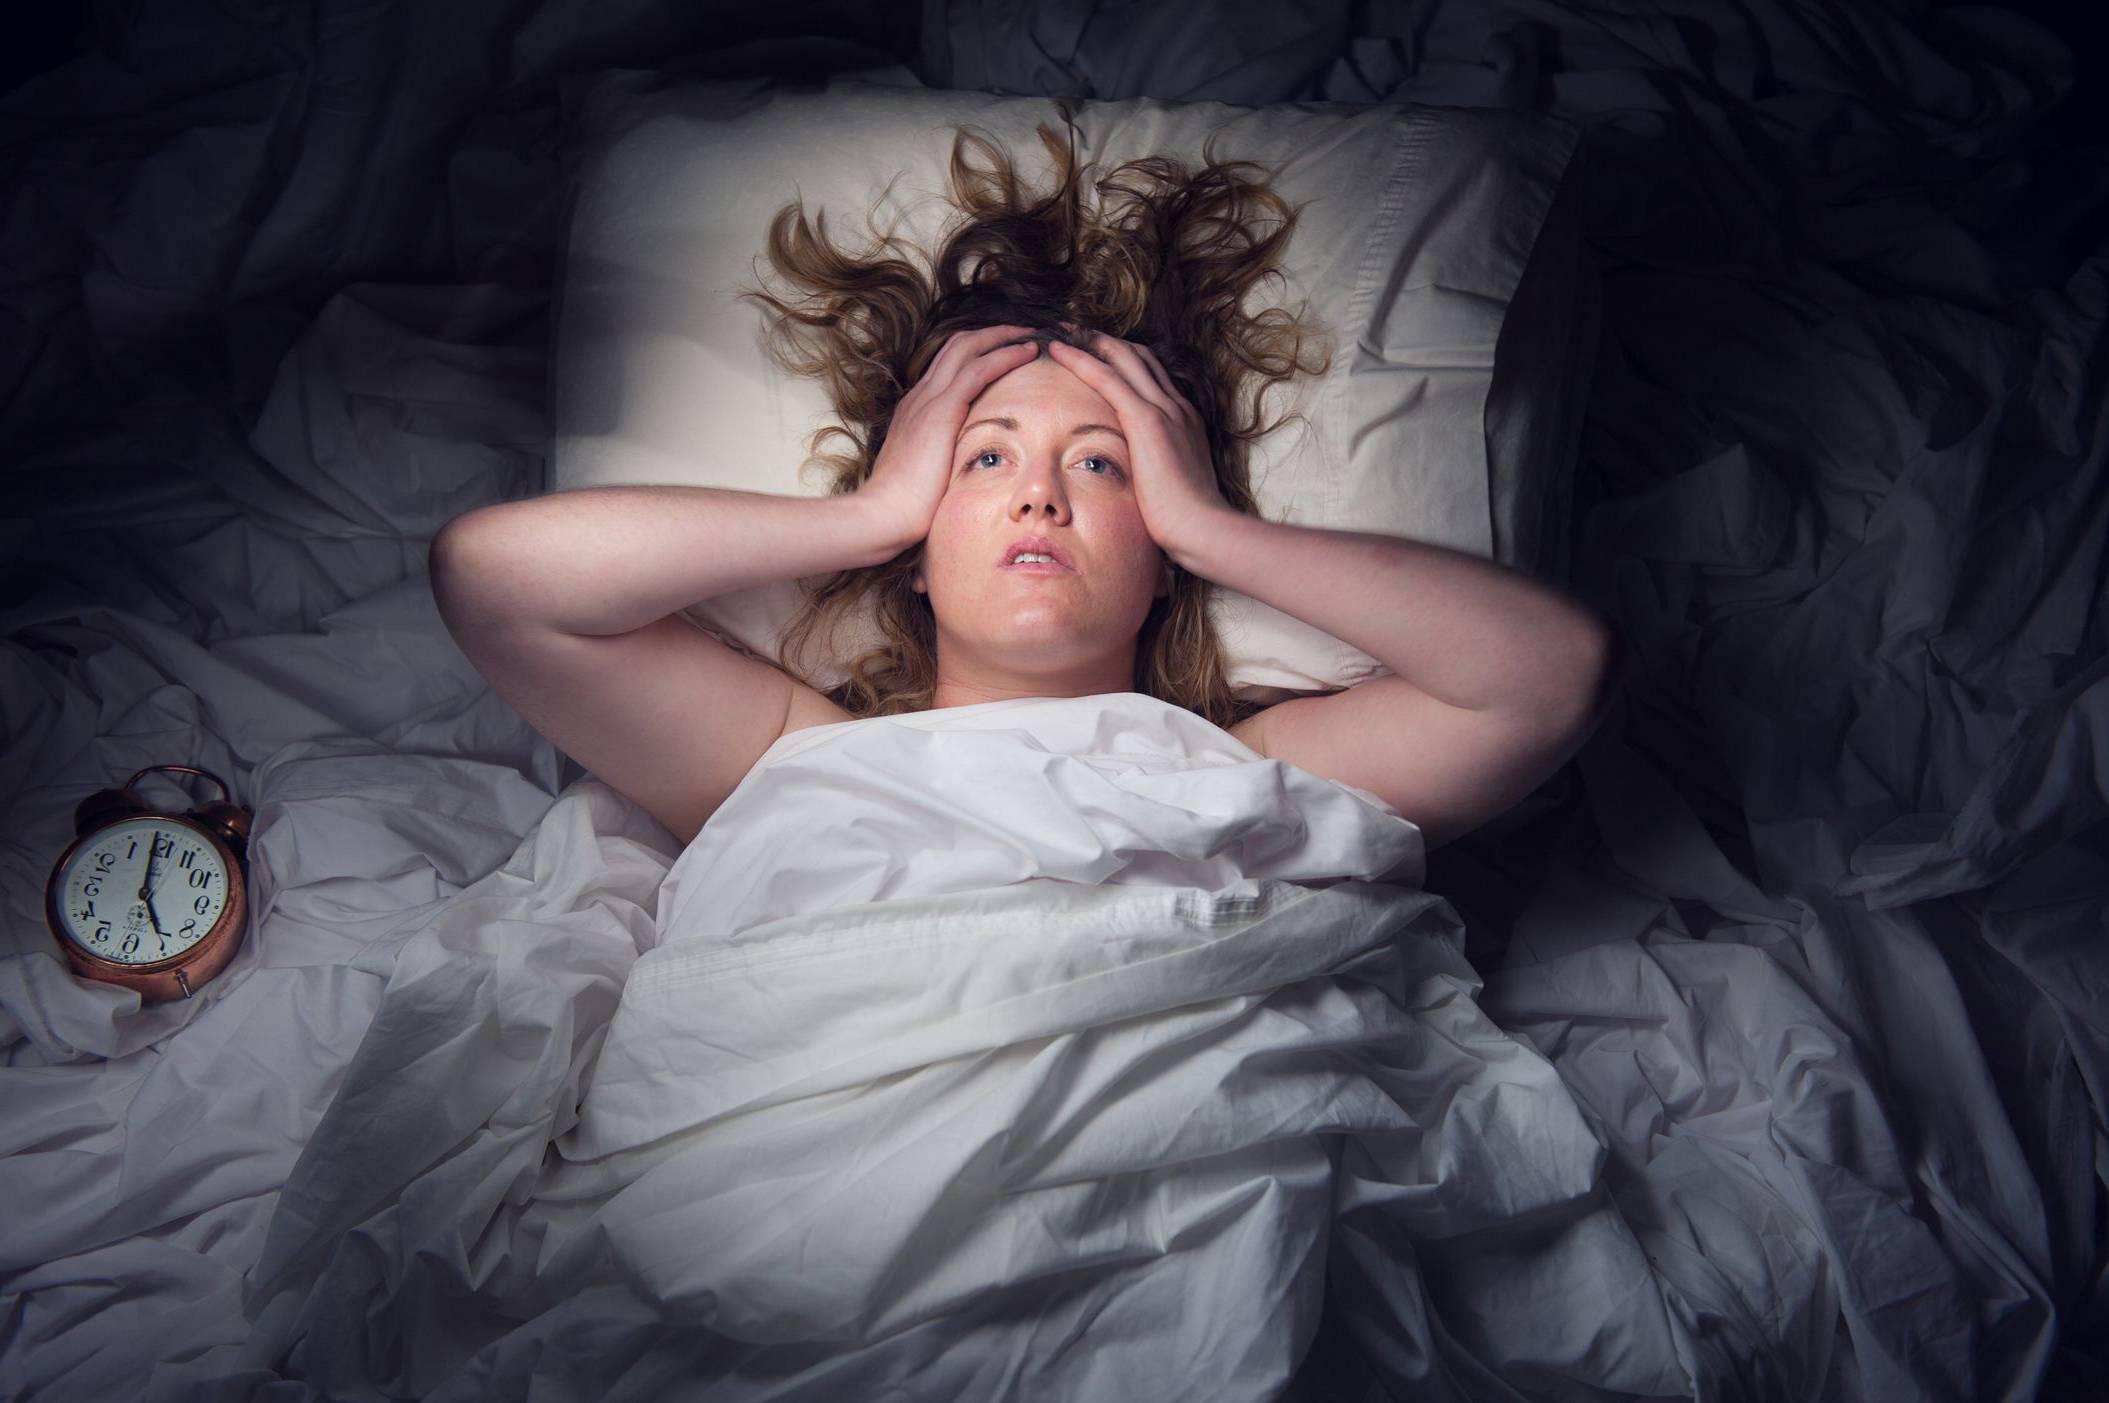 Сон при похмелье: нужен или нет? как обезопасить похмельный сон